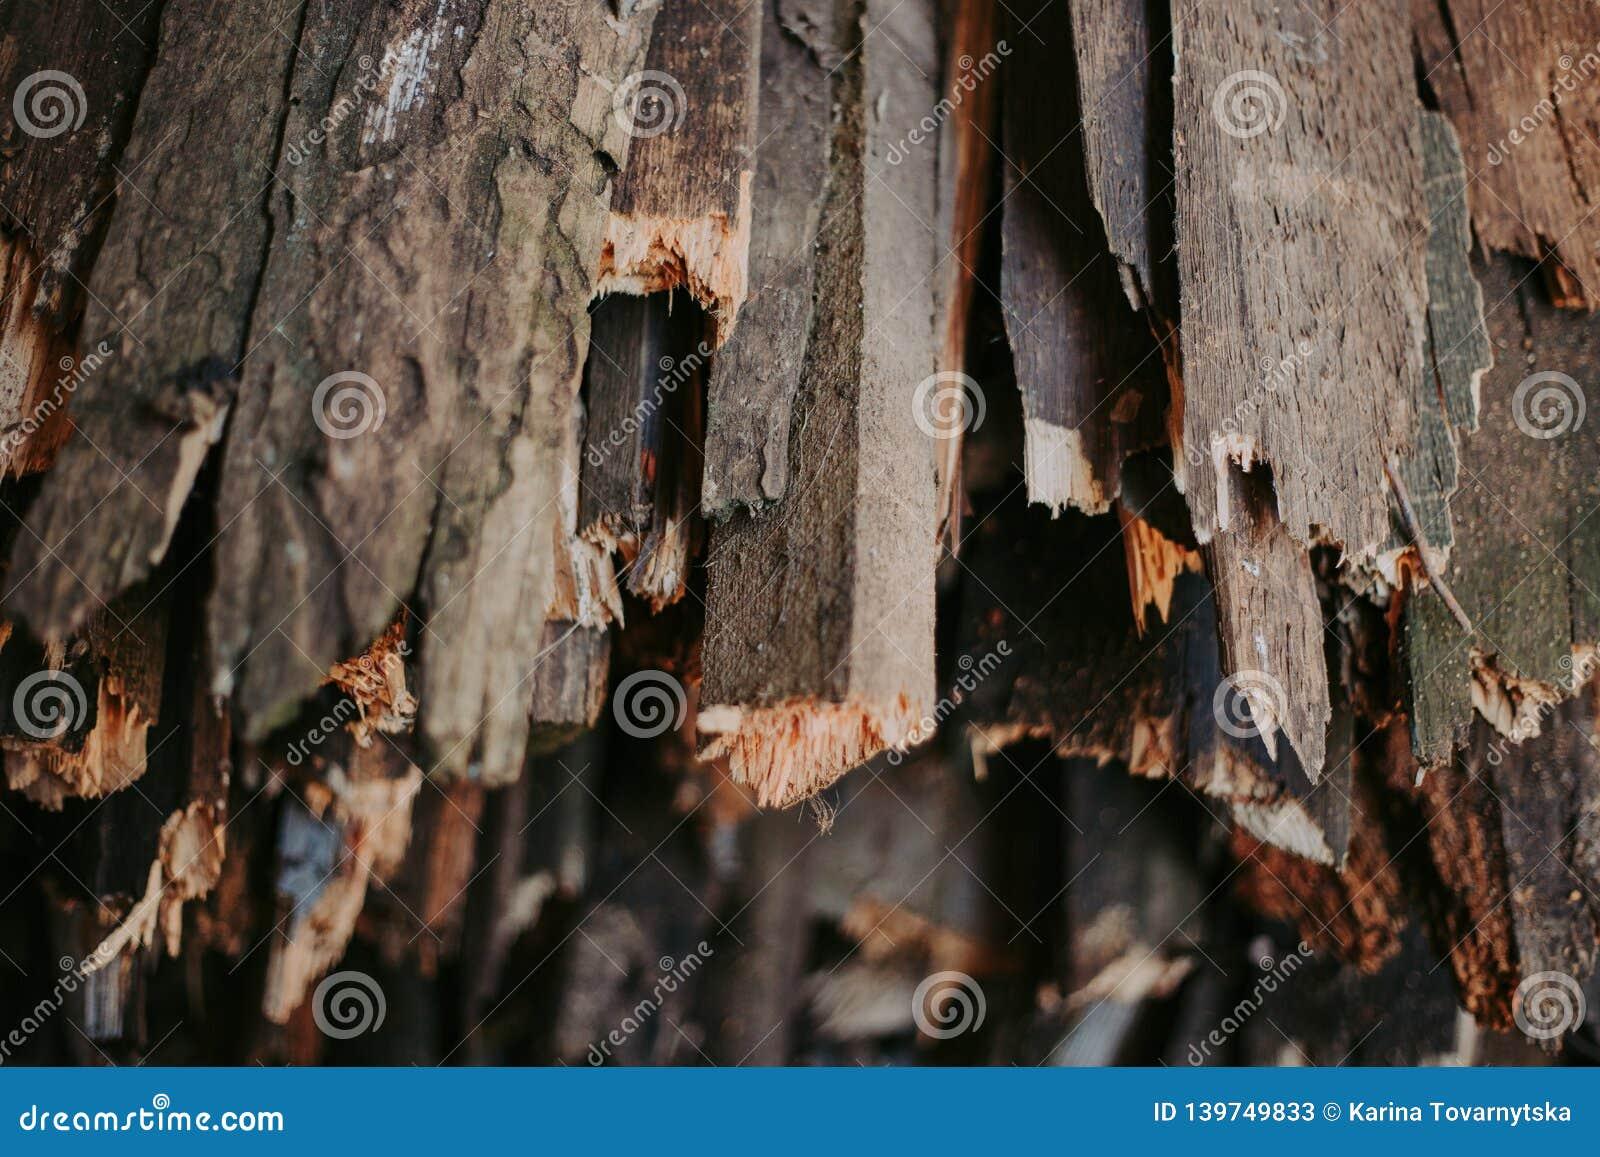 Legna da ardere, per fuoco, impilata in un mucchio piano Legna da ardere della parete